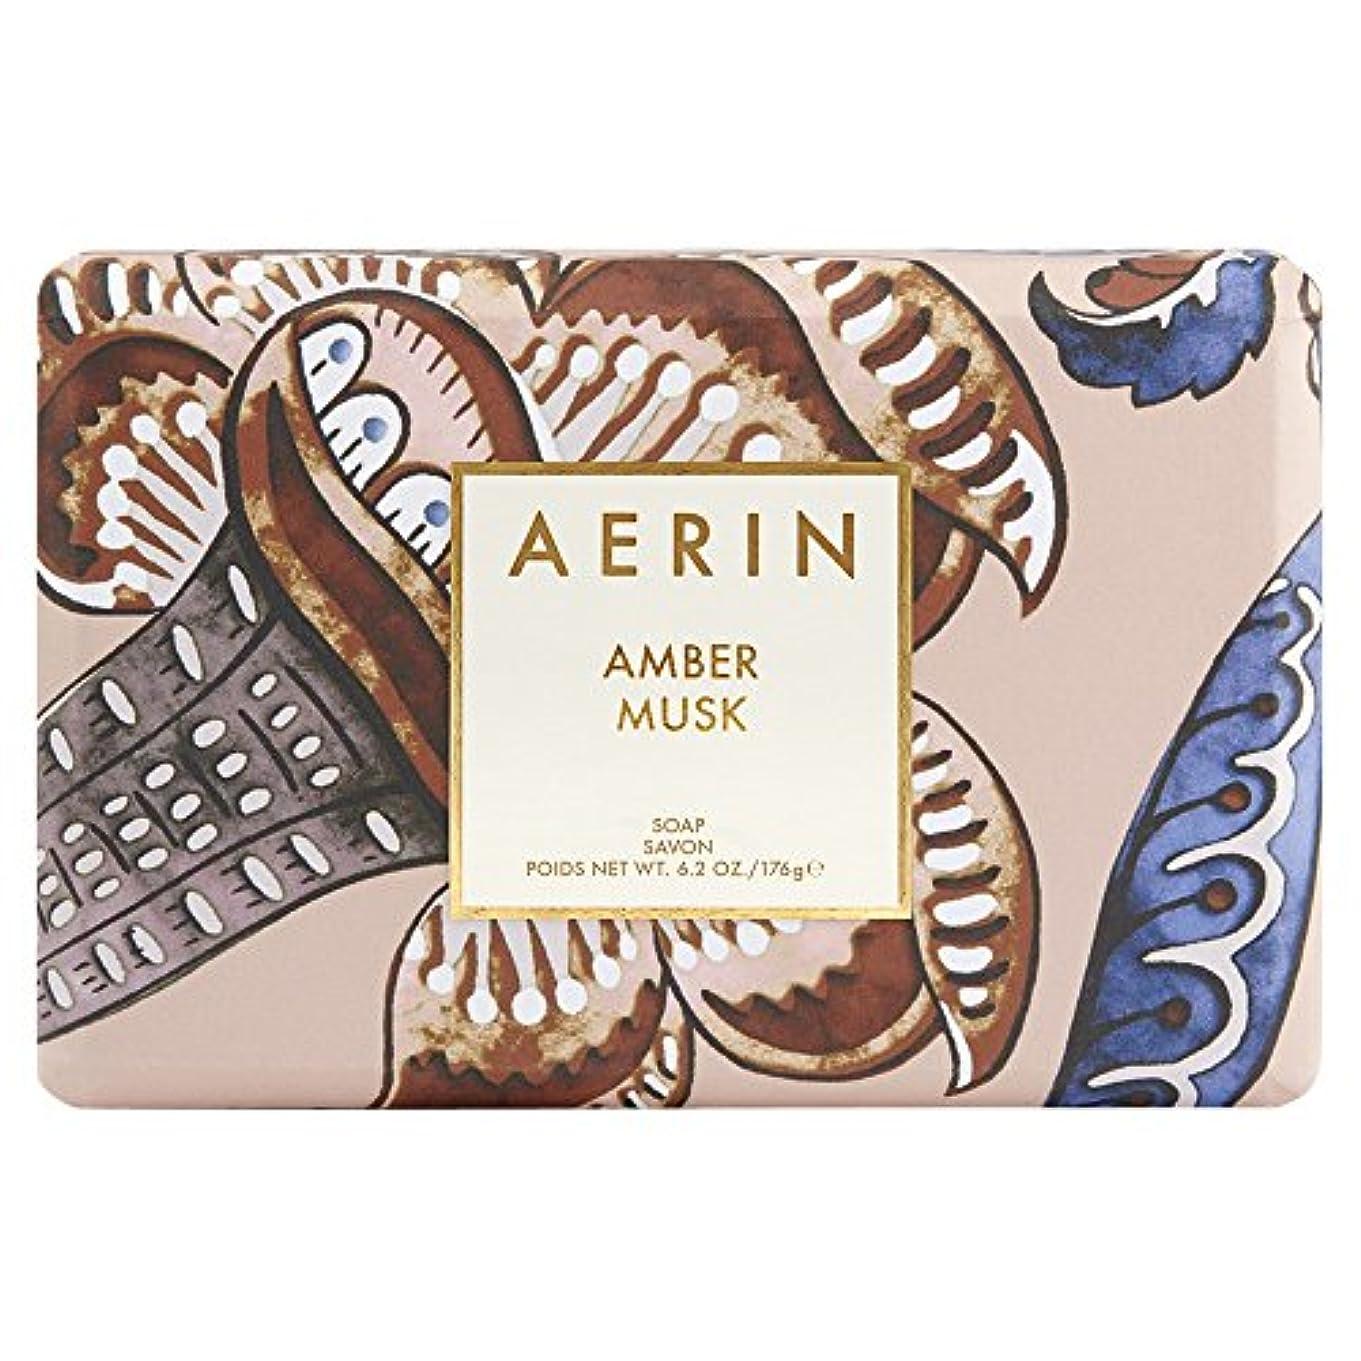 生き物作るサーキットに行くAerinアンバームスクソープ176グラム (AERIN) (x2) - AERIN Amber Musk Soap 176g (Pack of 2) [並行輸入品]